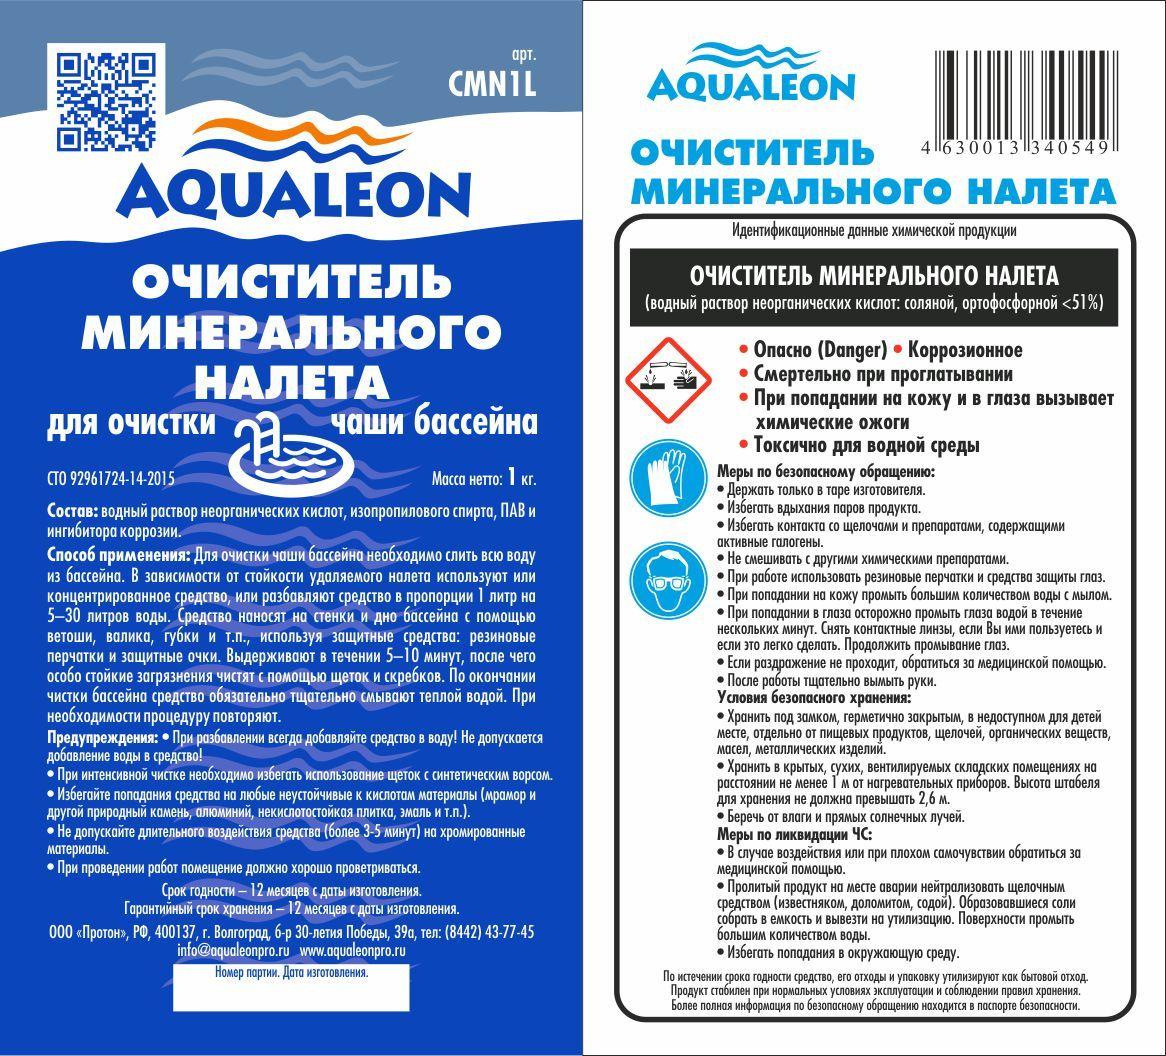 Aqualeon Очиститель минерального налета 1 кг